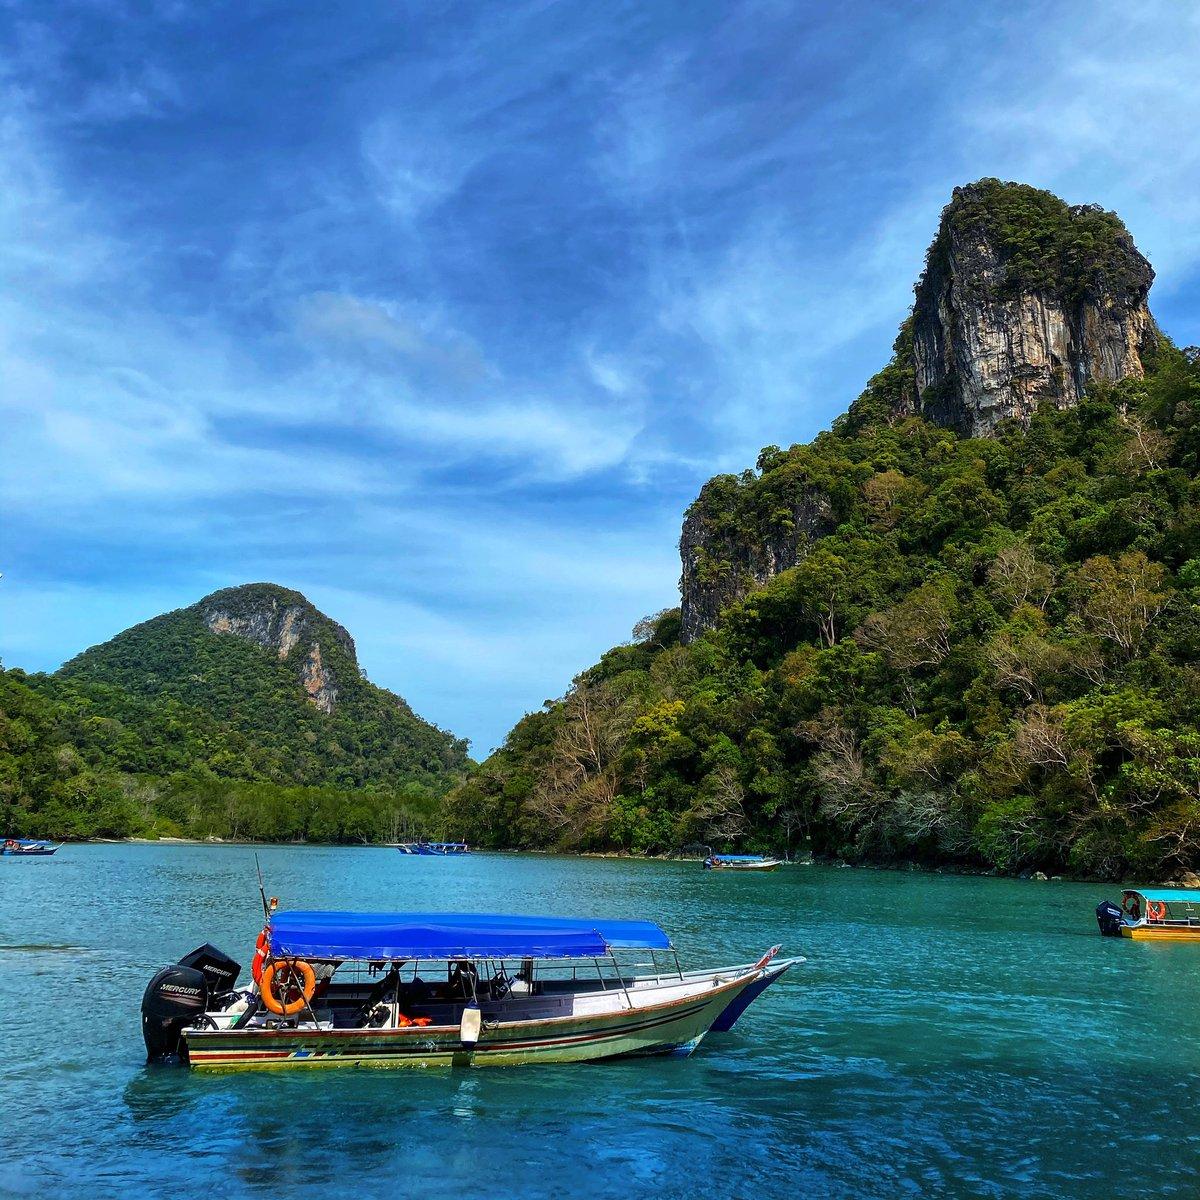 #لنكاوي #جزيرة_المرأة_الحامل #ماليزيا #سفر #سياحة #تصويري #صورتي @tswir @mmgg070 @t9weri #هيبا #hipa